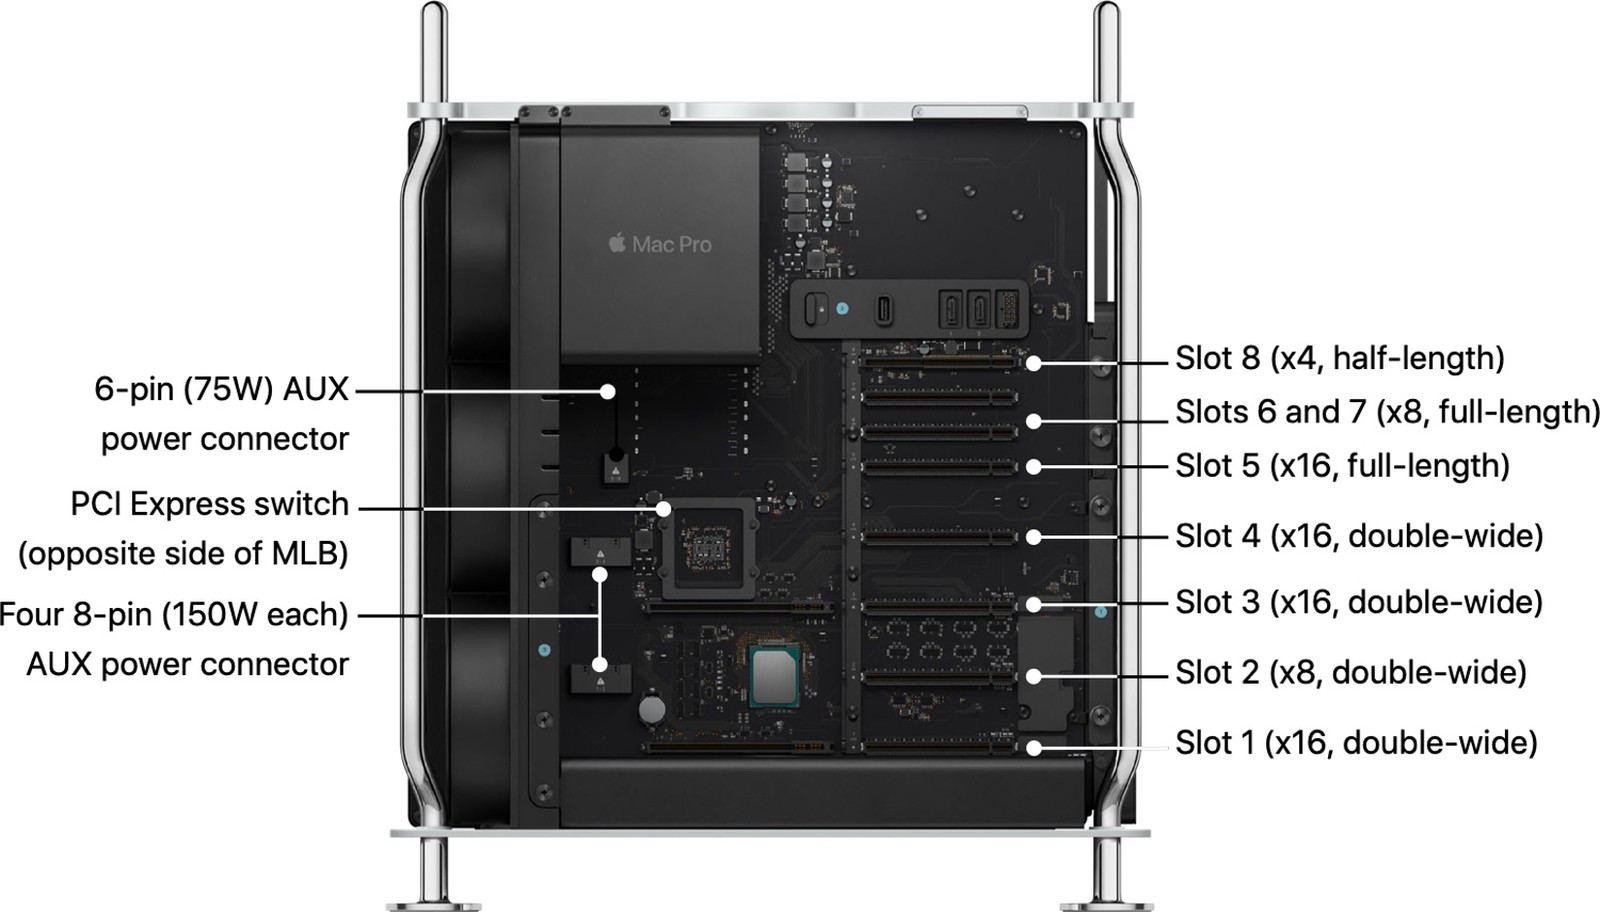 قابلیت ارتقا سختافزار مک پرو ۲۰۱۹